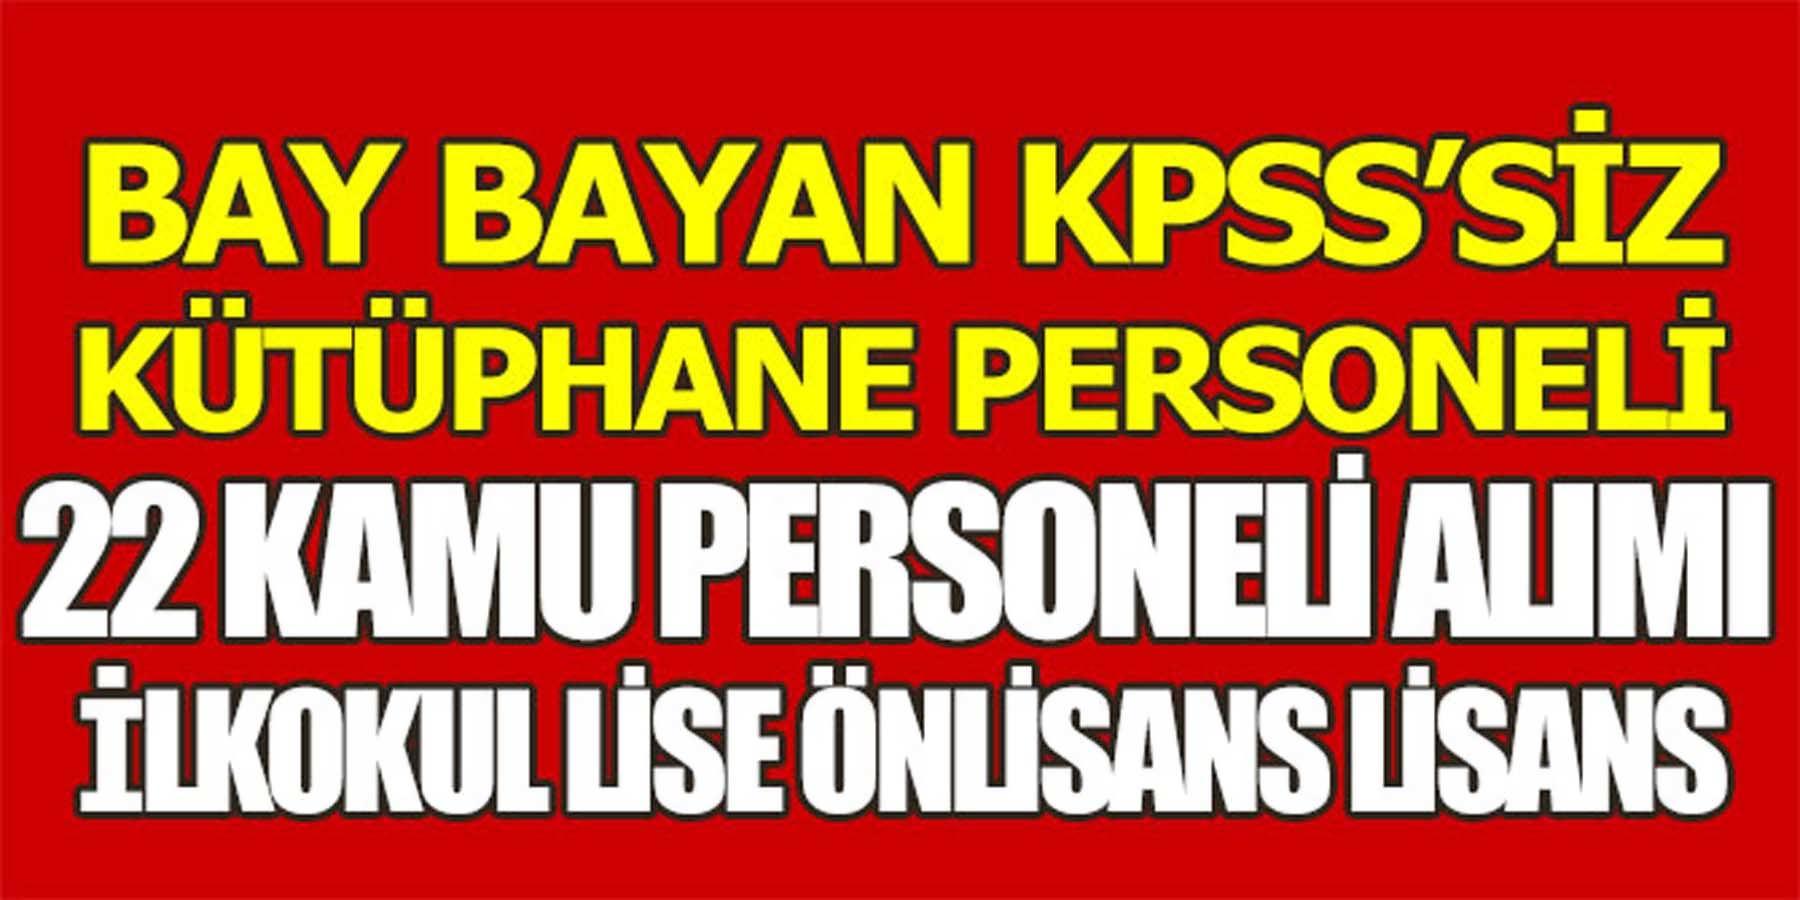 Bay Bayan KPSS'Siz (Kütüphane Personeli) 22 Kamu Personeli Alımı